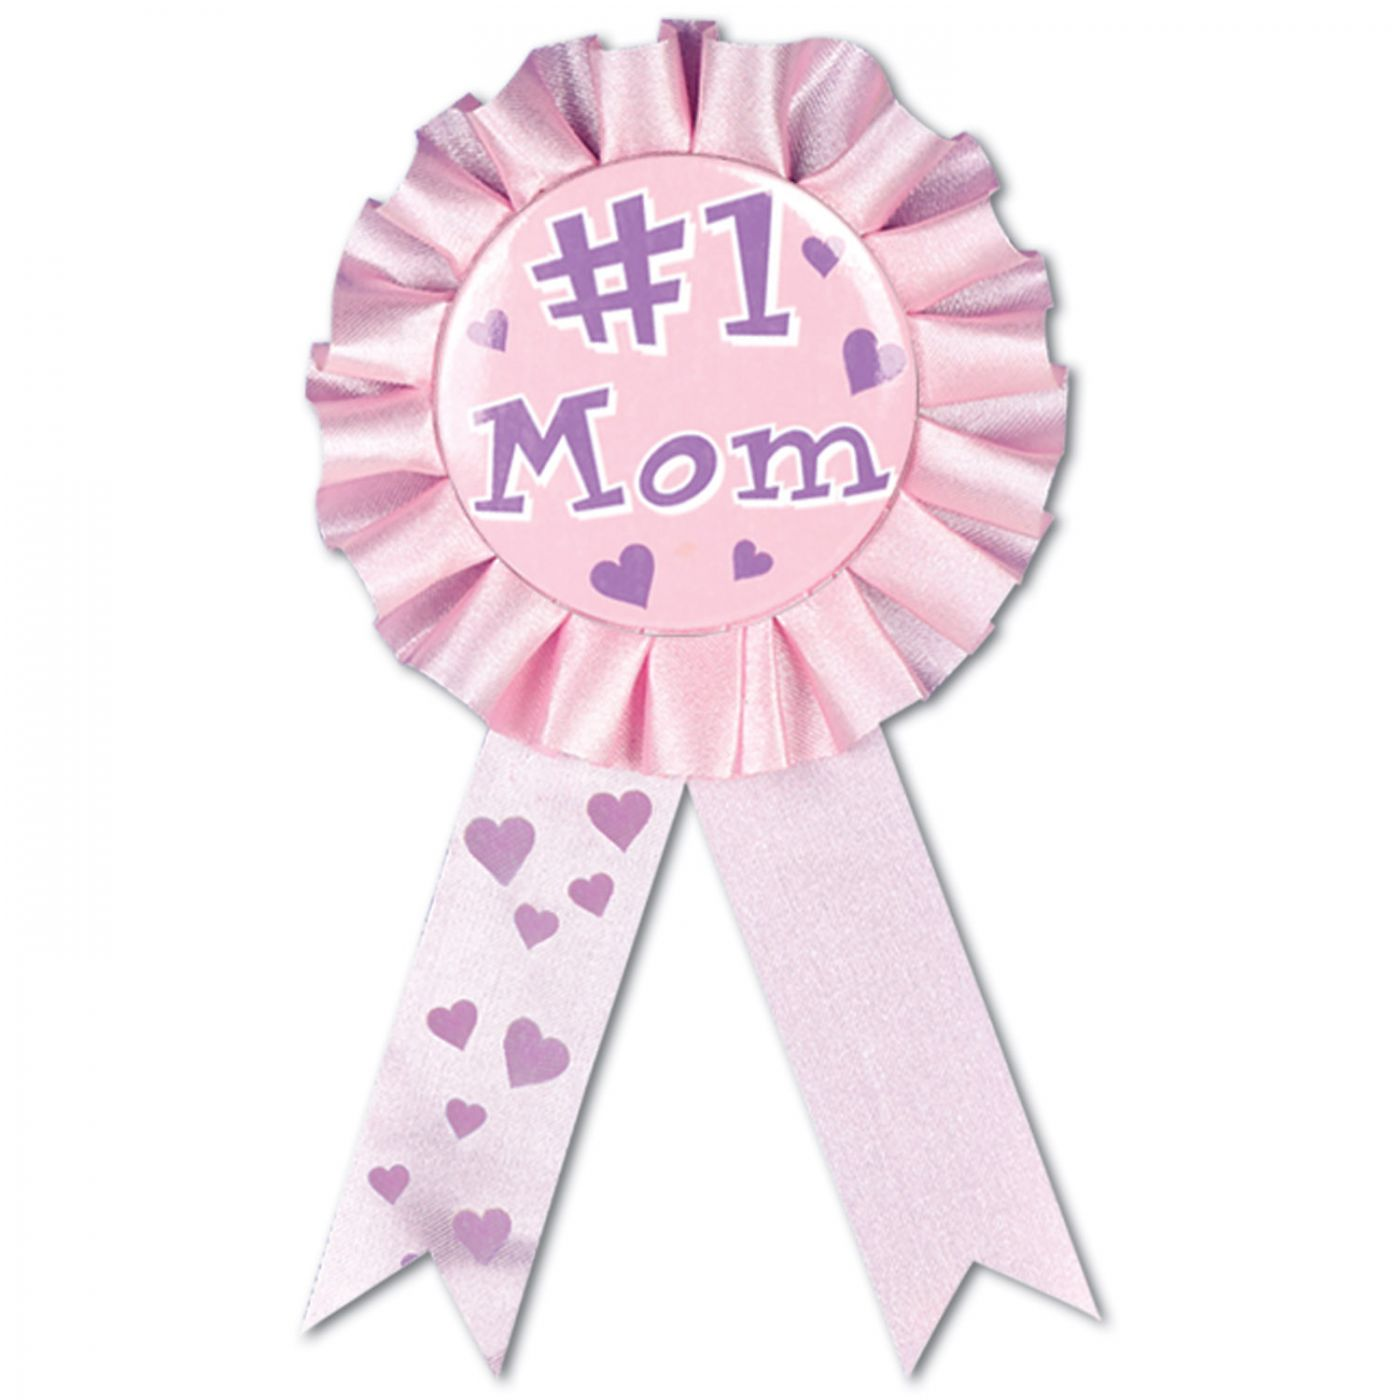 #1 Mom Award Ribbon (6) image